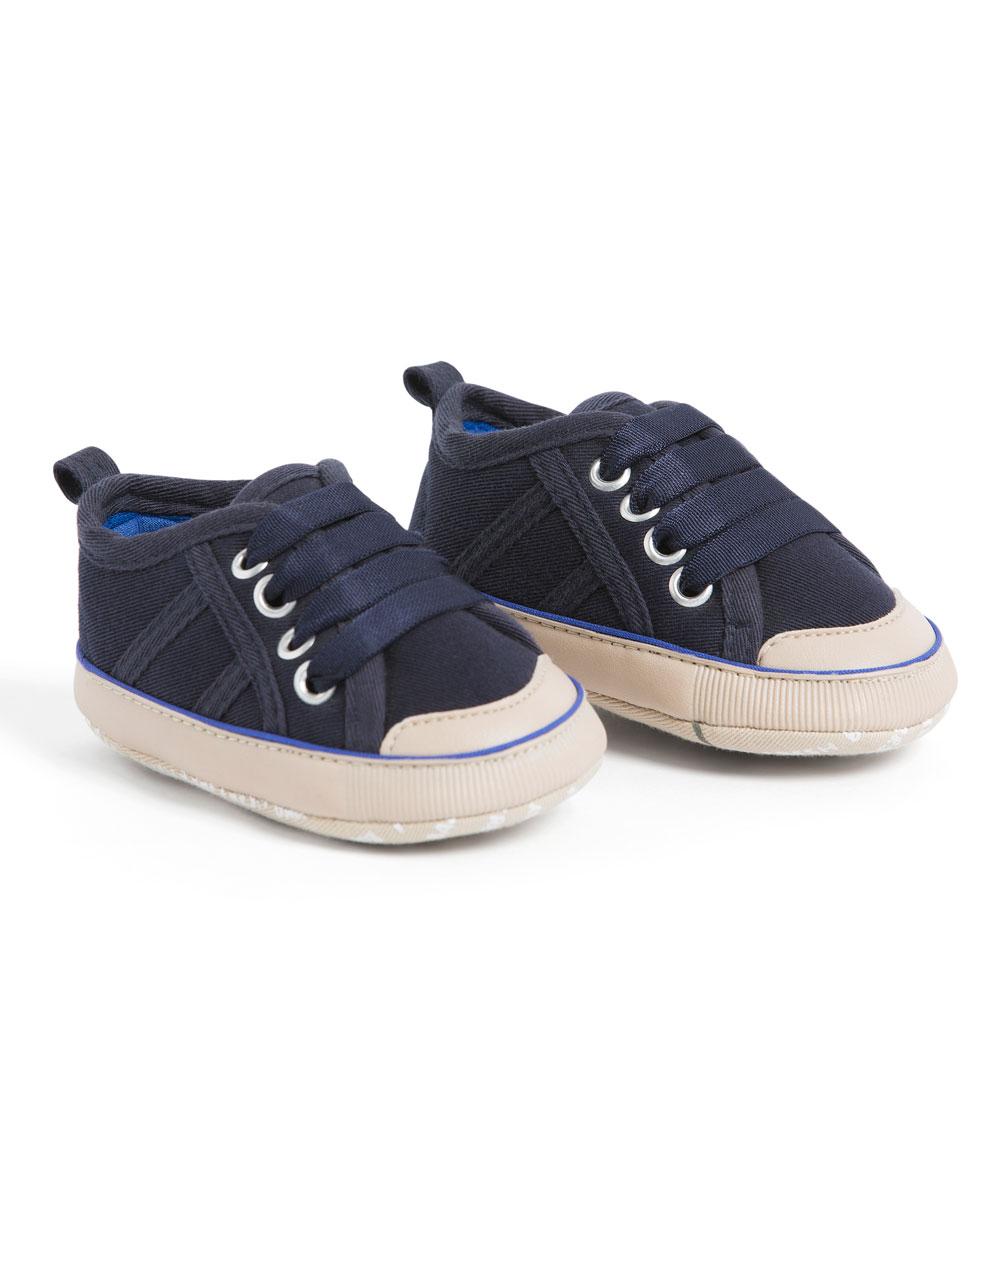 Zapatos de bebé baratos la mar de cómodos y a ¡precios increíbles! Presta atención. Porque nunca habrás visto una tienda de zapatos para bebés como distrib-wjmx2fn9.ga estamos hablando de distrib-wjmx2fn9.gas de todo y de inmediato te lo vamos a contar.